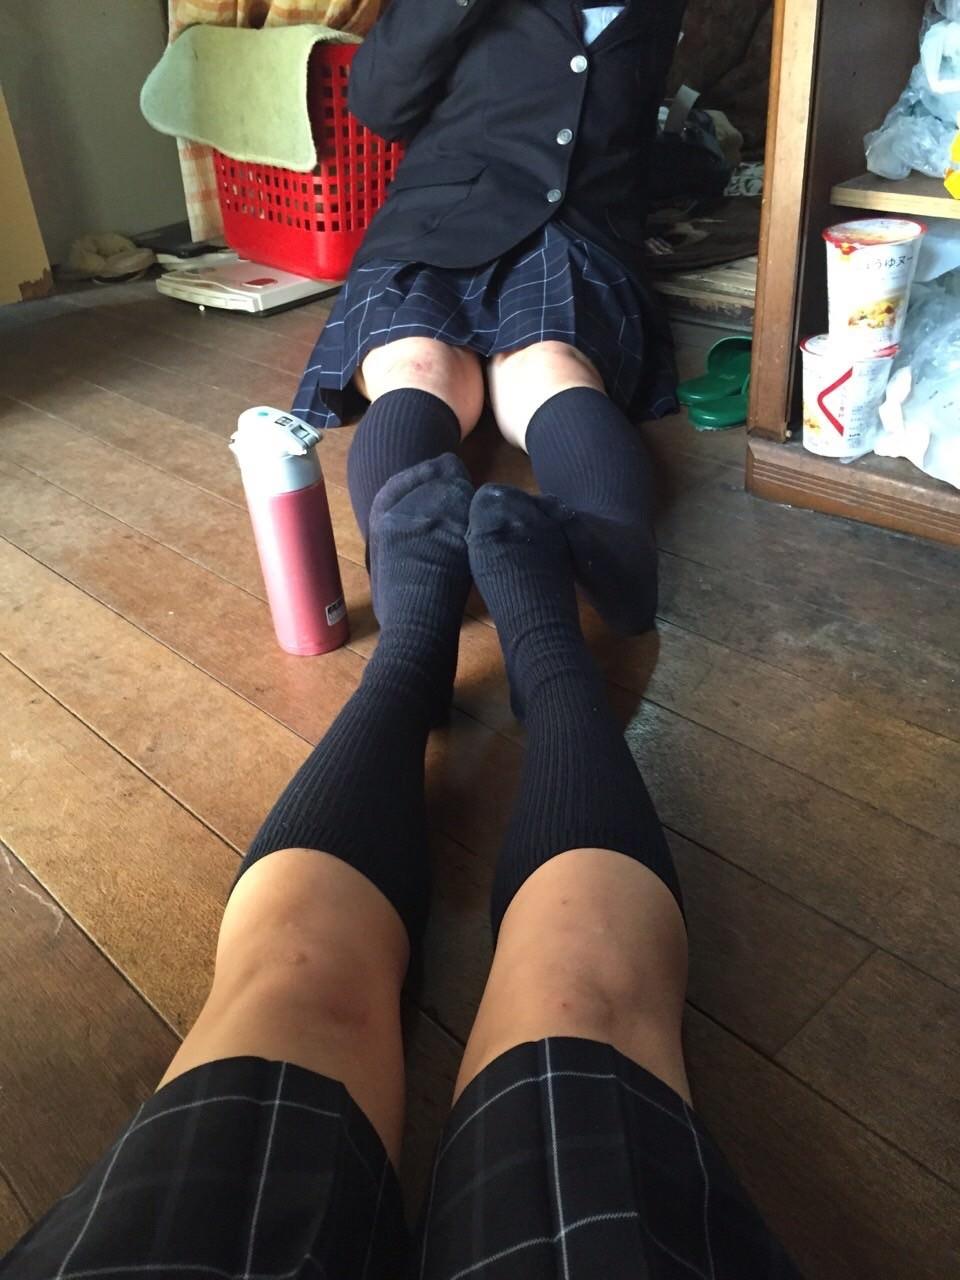 女子高生の靴下大好きソックスフェチ画像wwwwwwwwww gAe1l6i